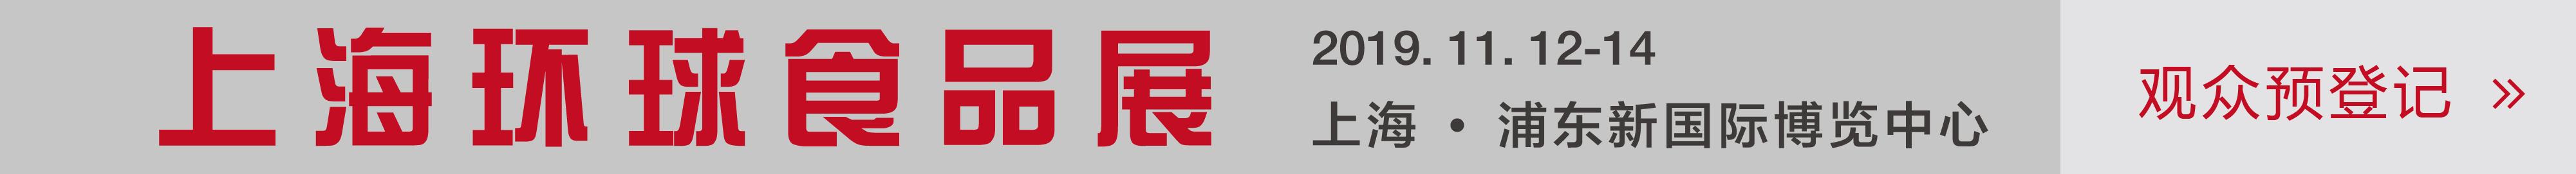 上海环球食品展